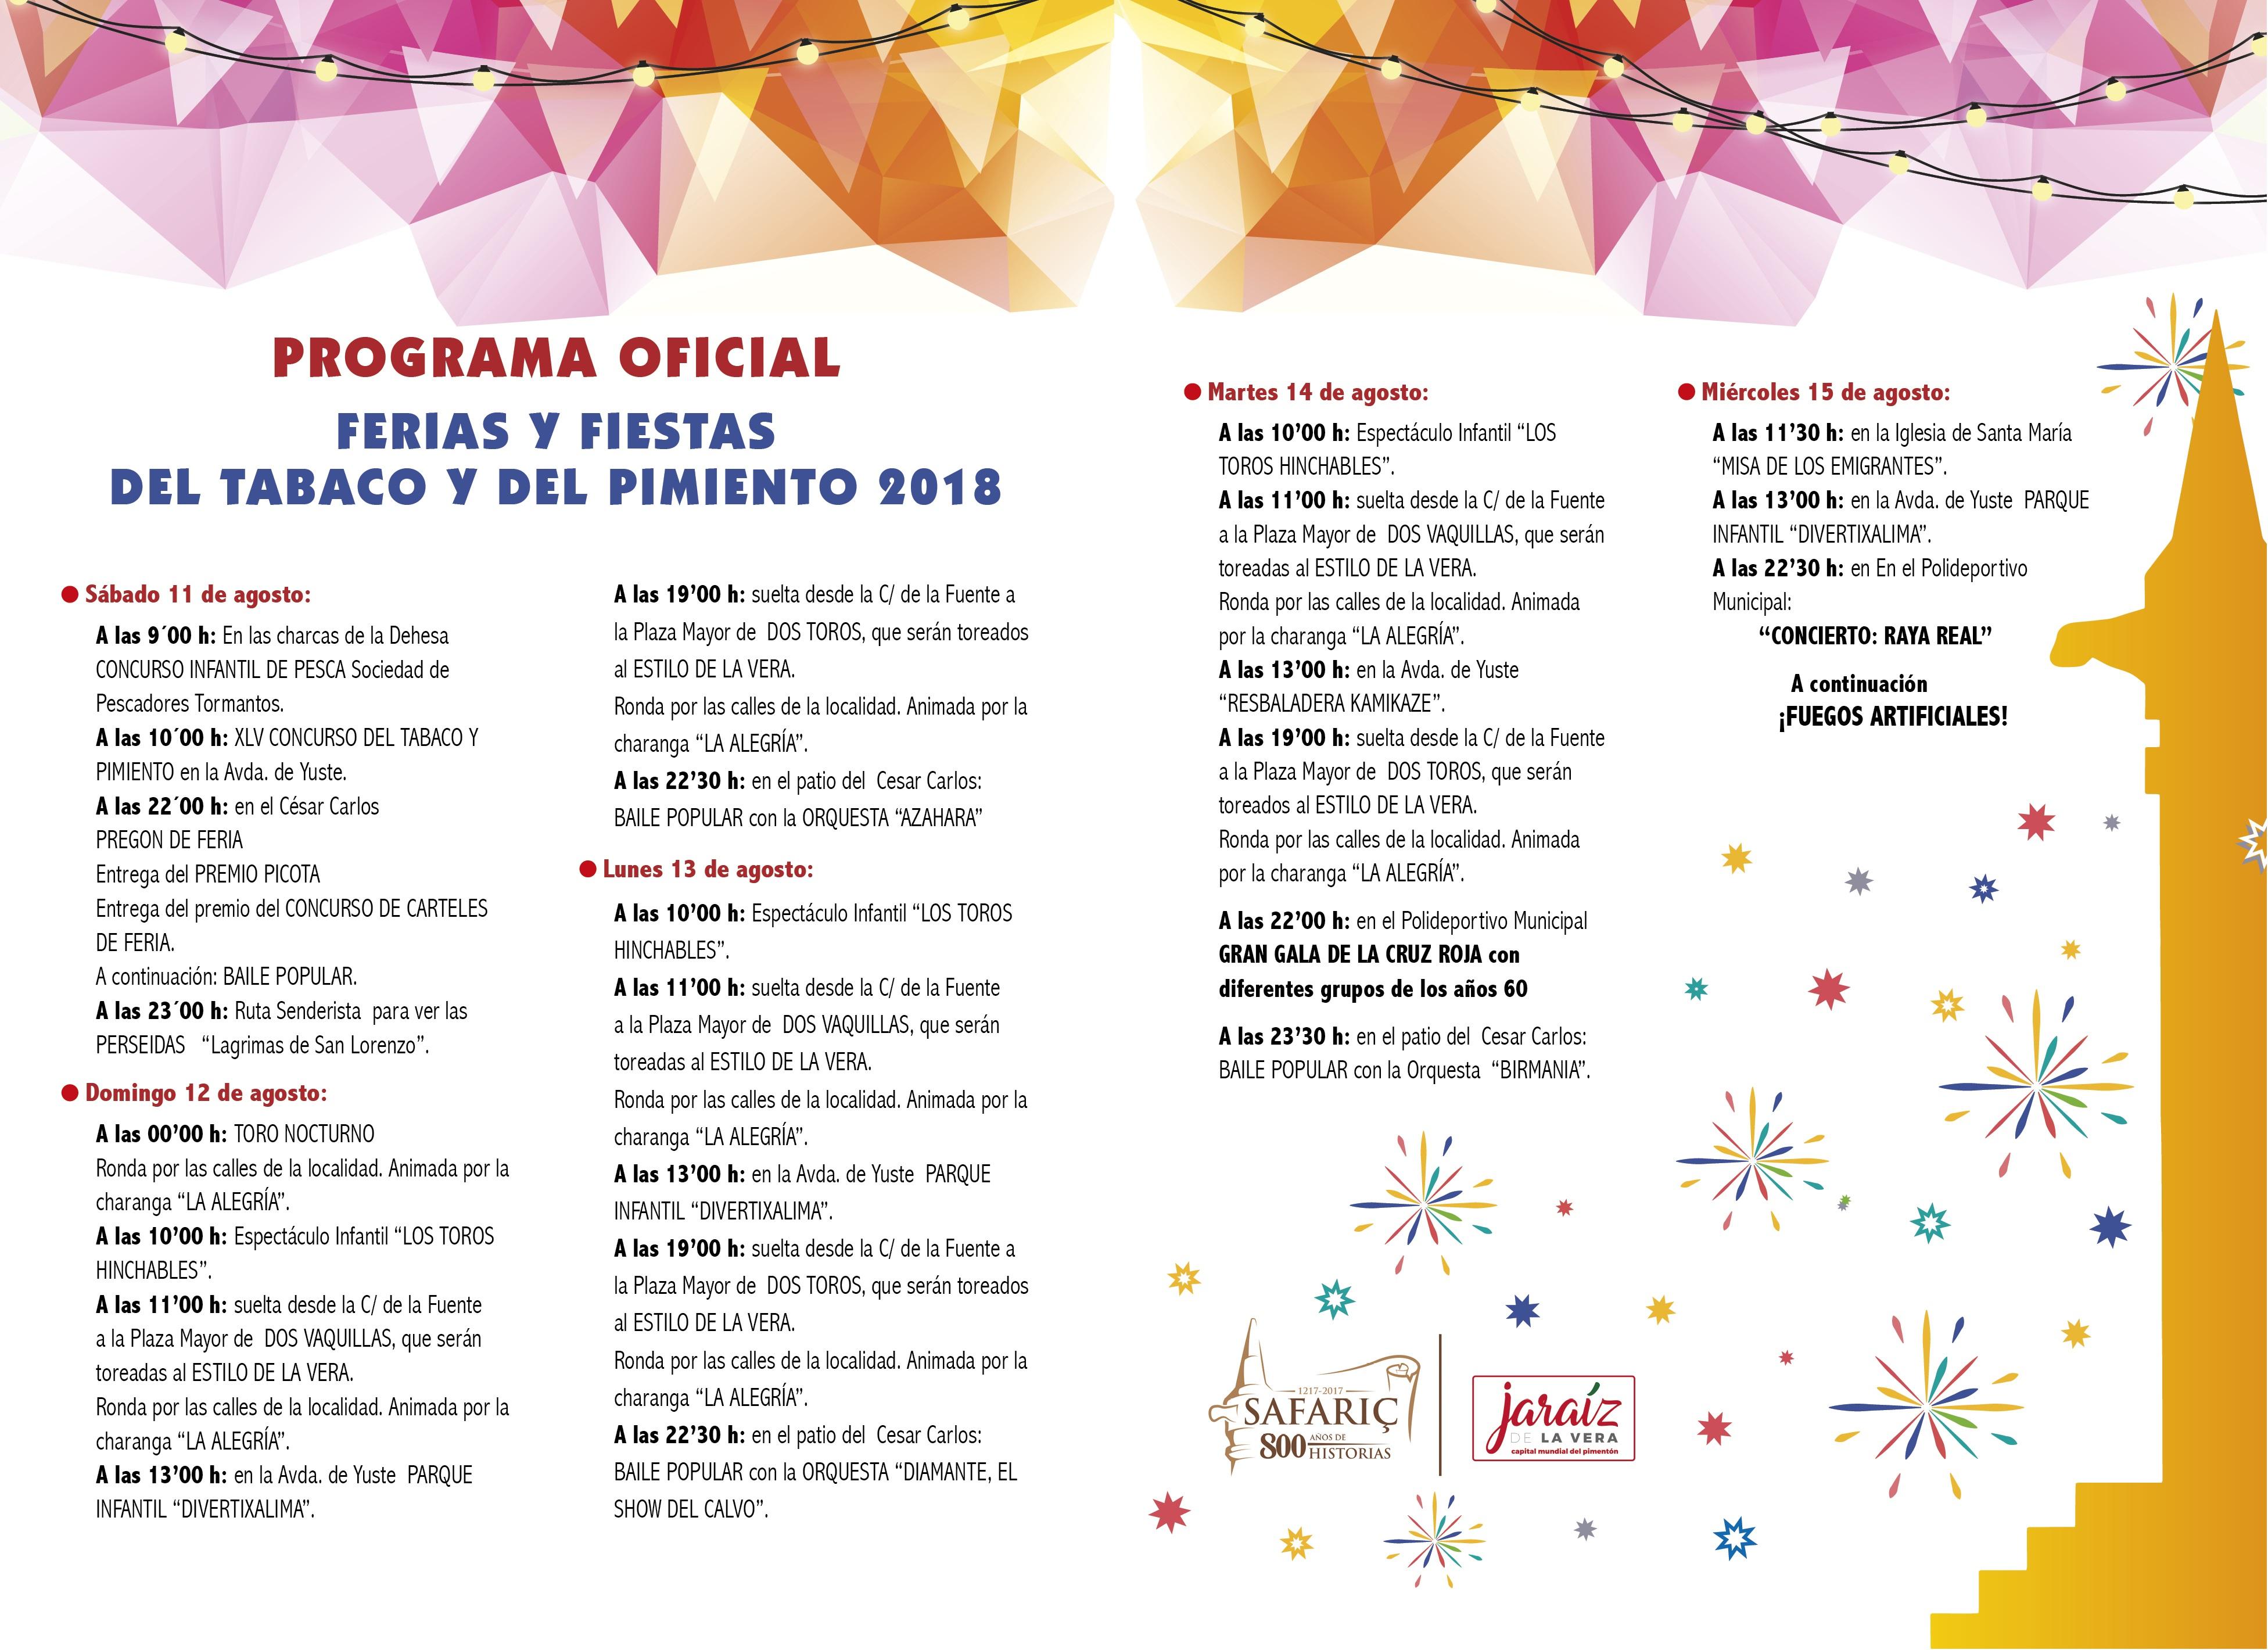 Programa Ferias y Fiestas del Tabaco y del Pimiento de Jaraíz de la Vera 2018